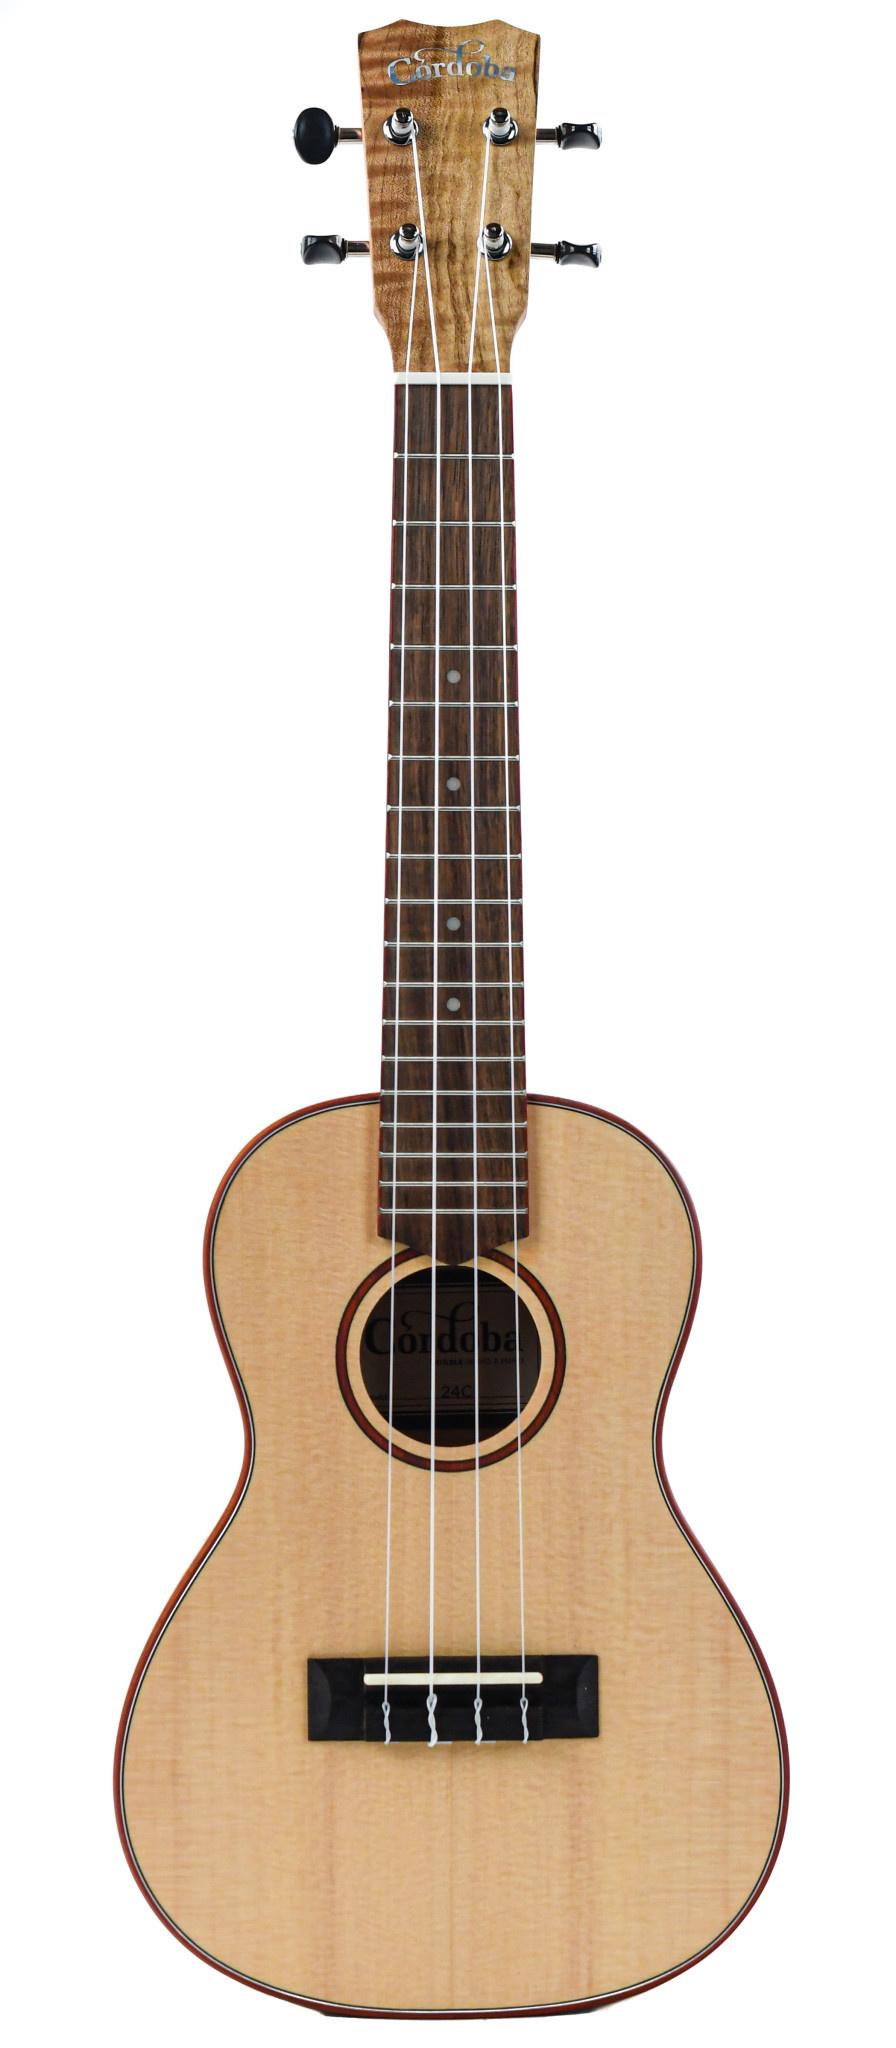 Cordoba 24C Concert Spalted Maple Spruce Ukulele